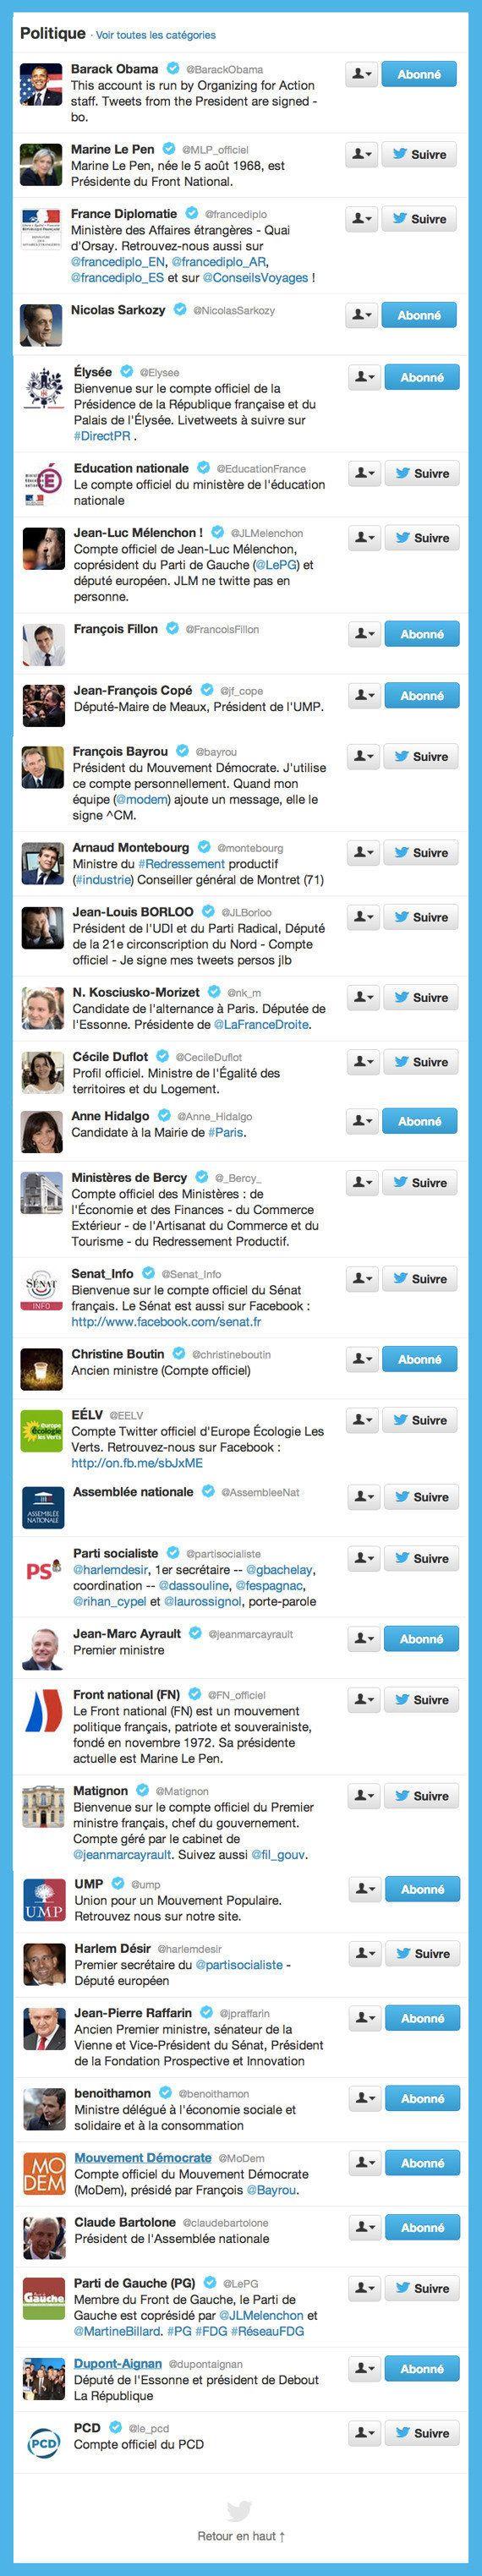 Twitter: mais pourquoi Hollande n'est pas dans la liste des politiques